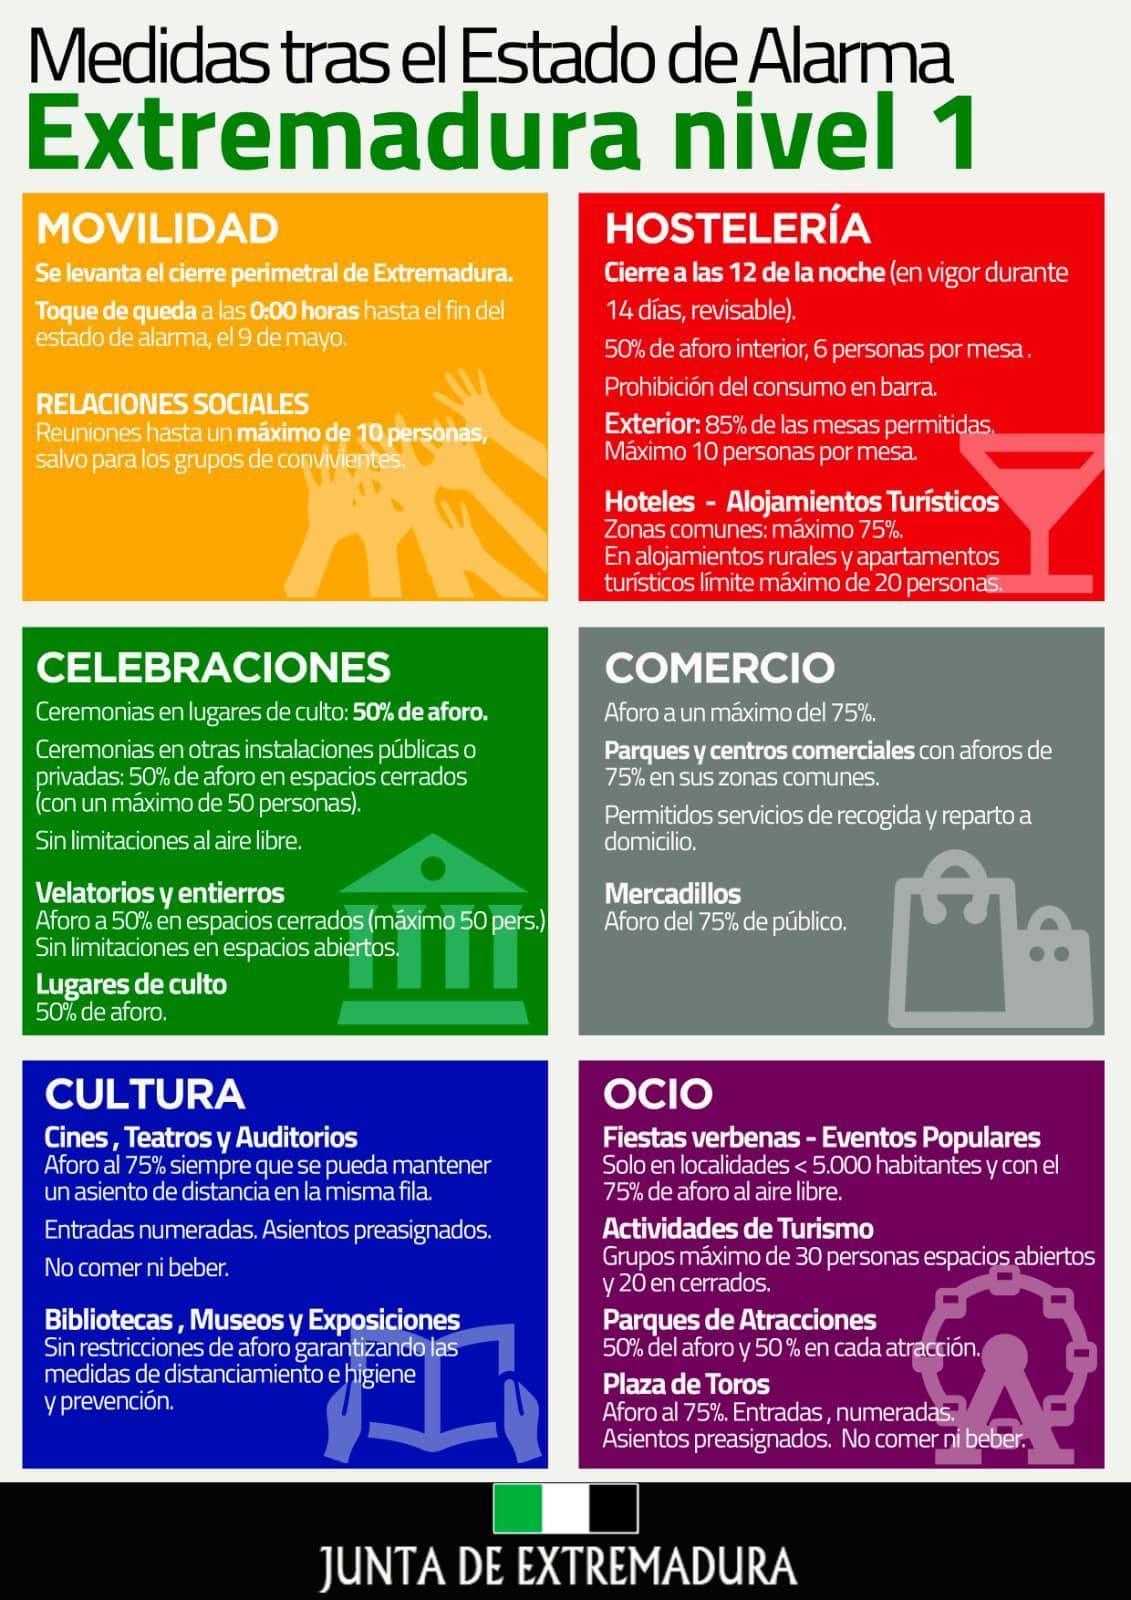 Medidas tras el Estado de Alarma en Extremadura nivel 1 (mayo 2021)